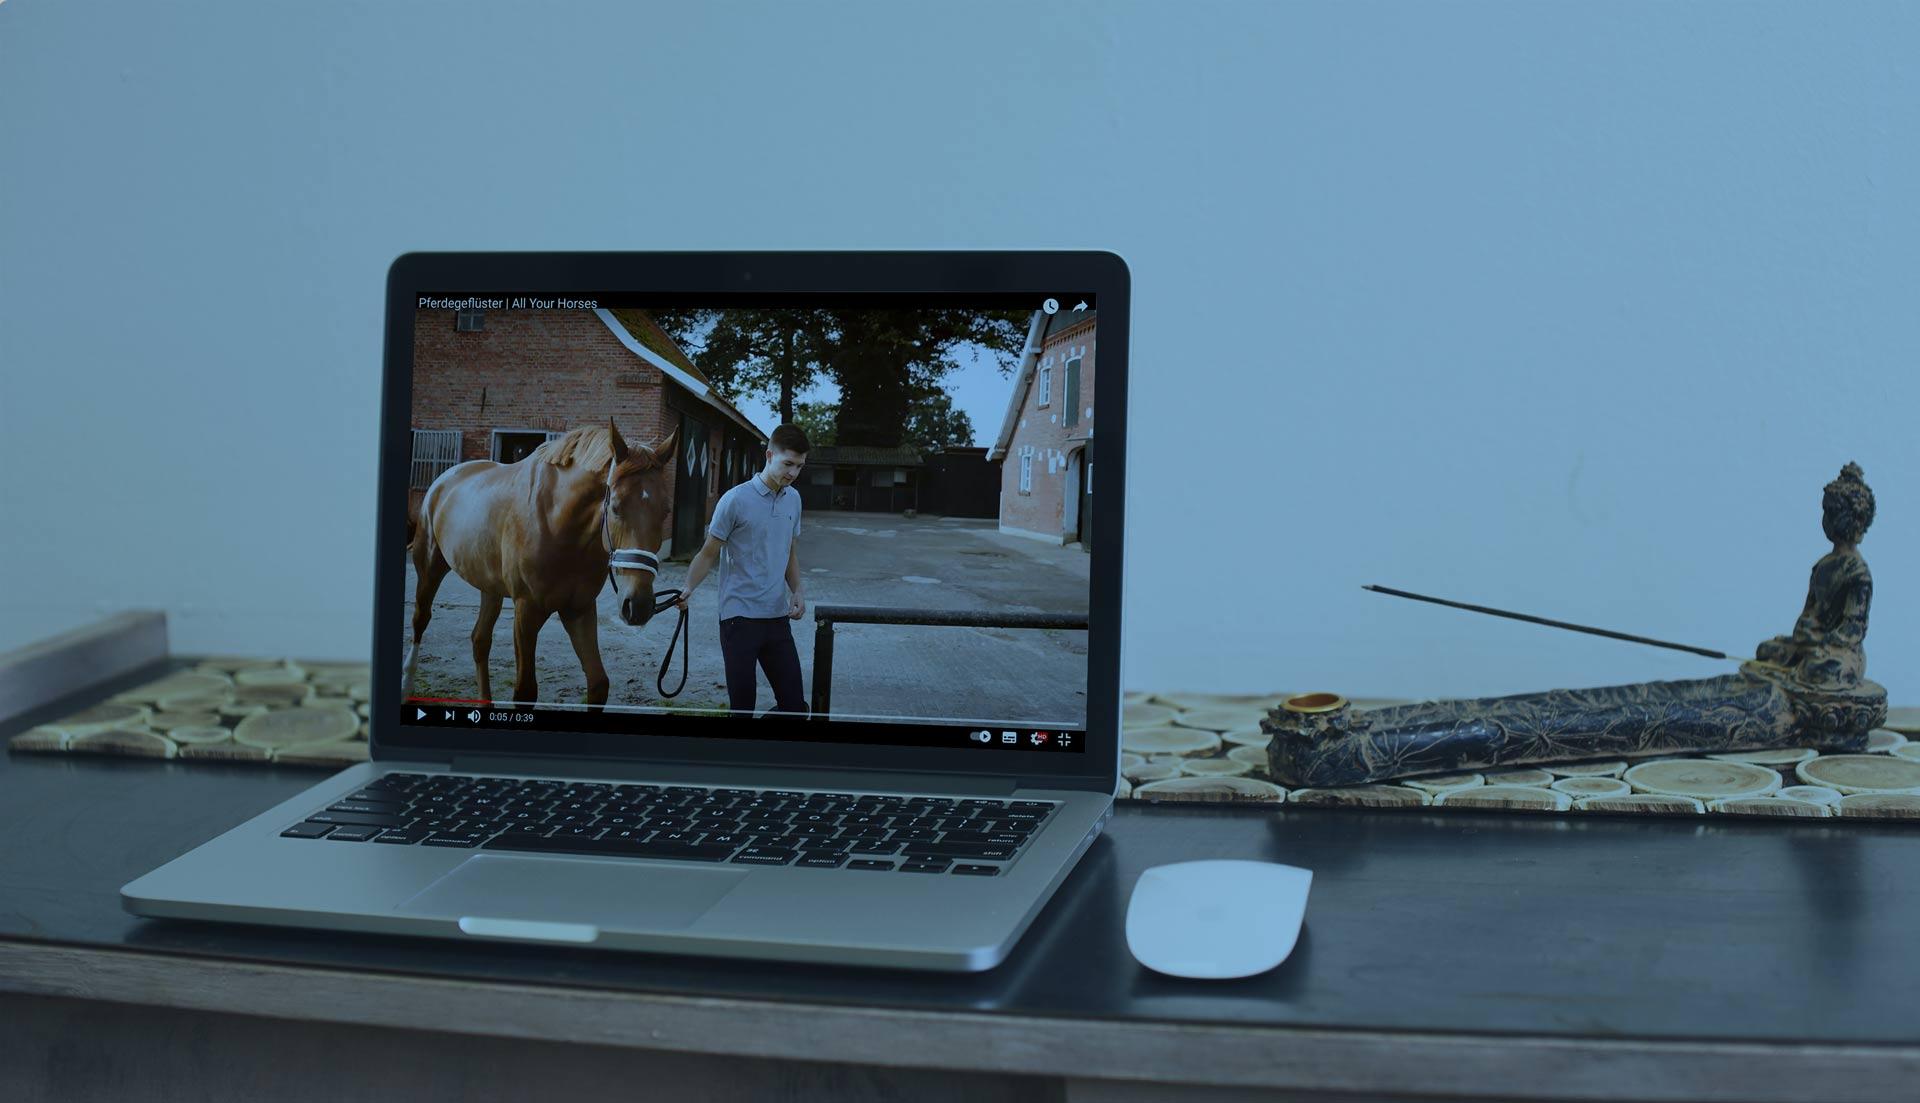 Video wird auf einem Laptop dargestellt